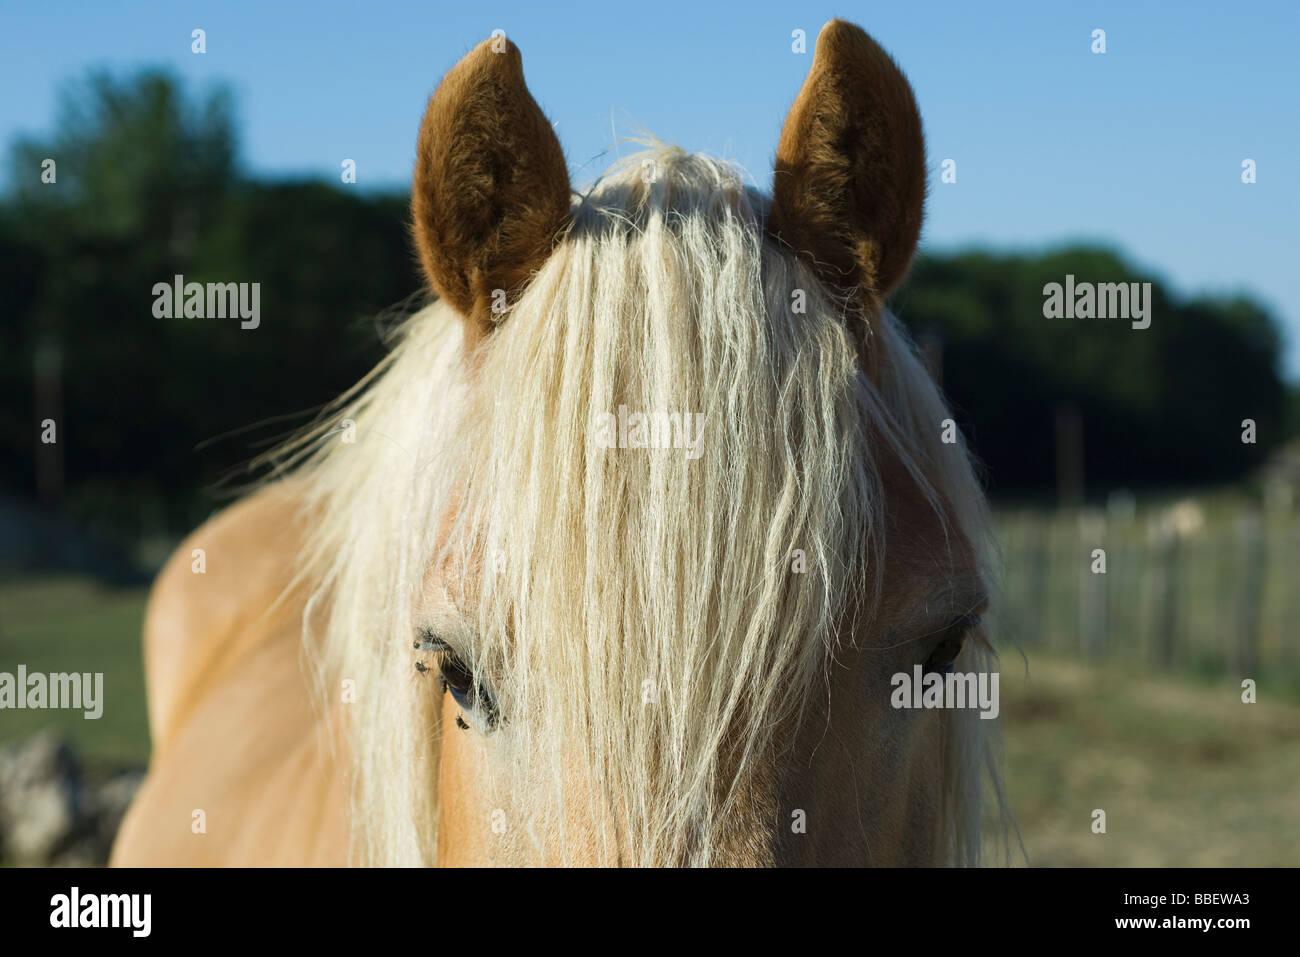 Pferd mit weißer Mähne, Nahaufnahme Stockbild